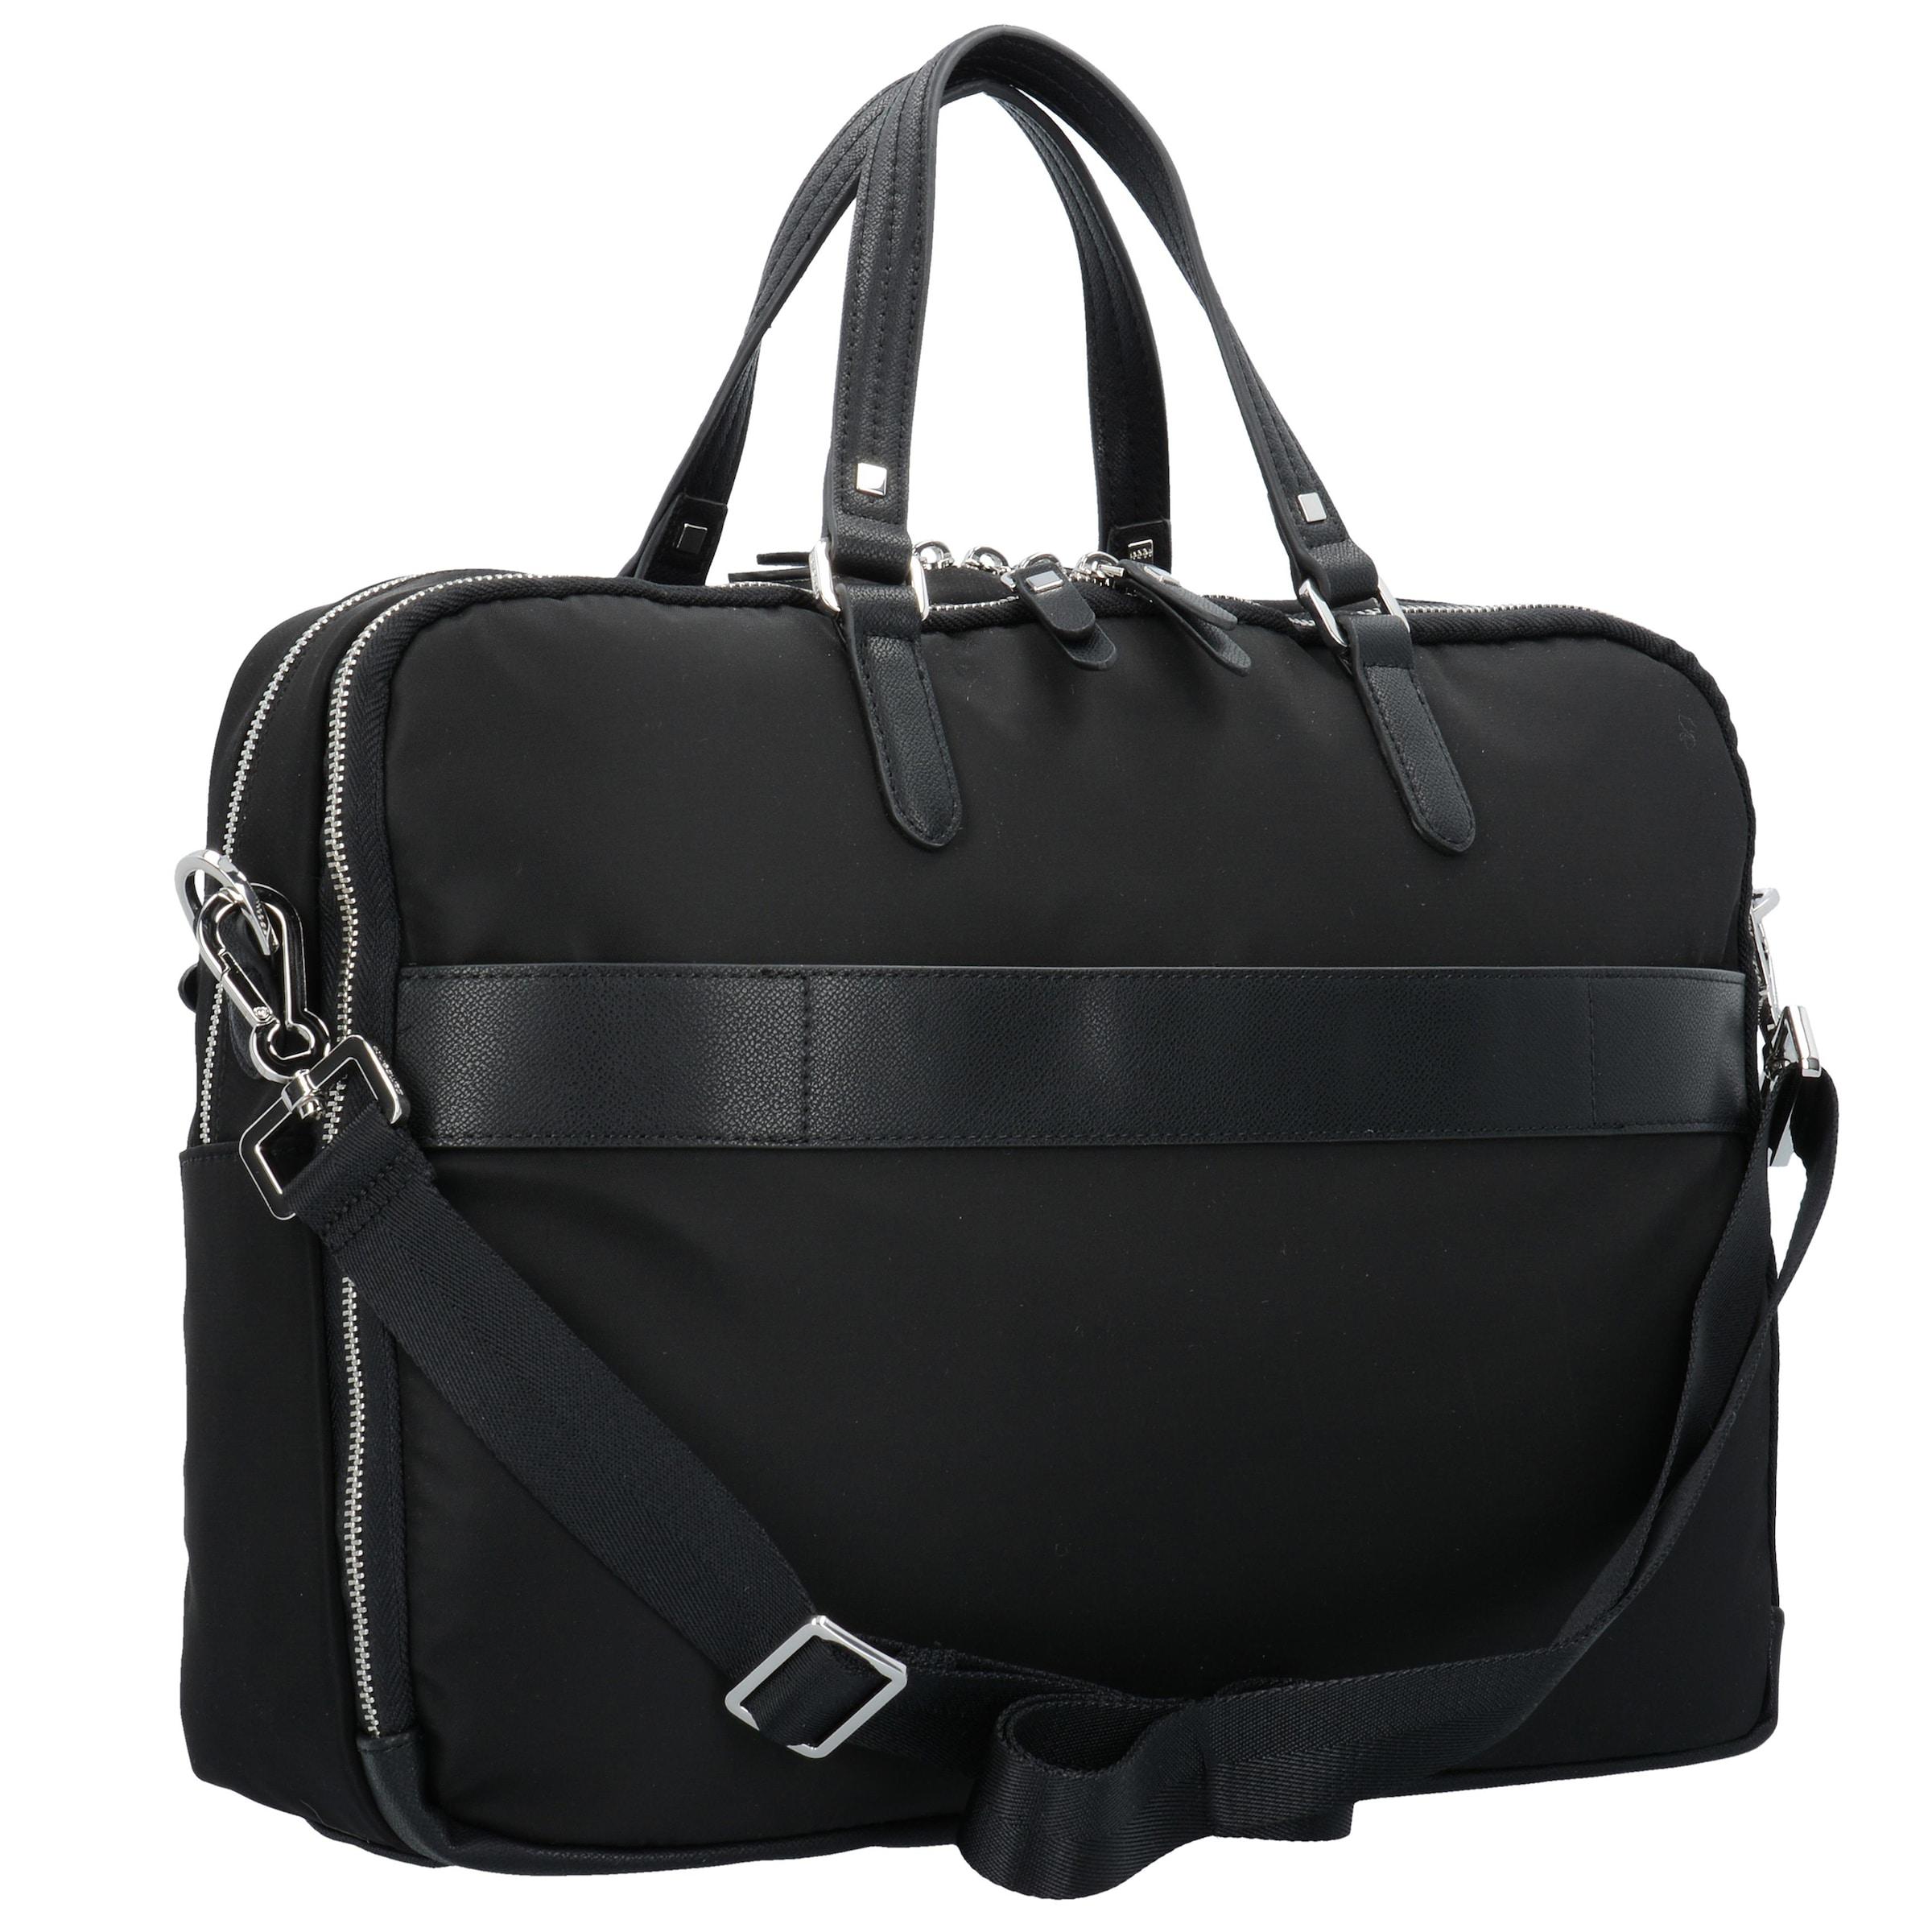 Biz Cm Laptopfach 35 Businesstasche In Samsonite Karissa Schwarz JcTFK1l3